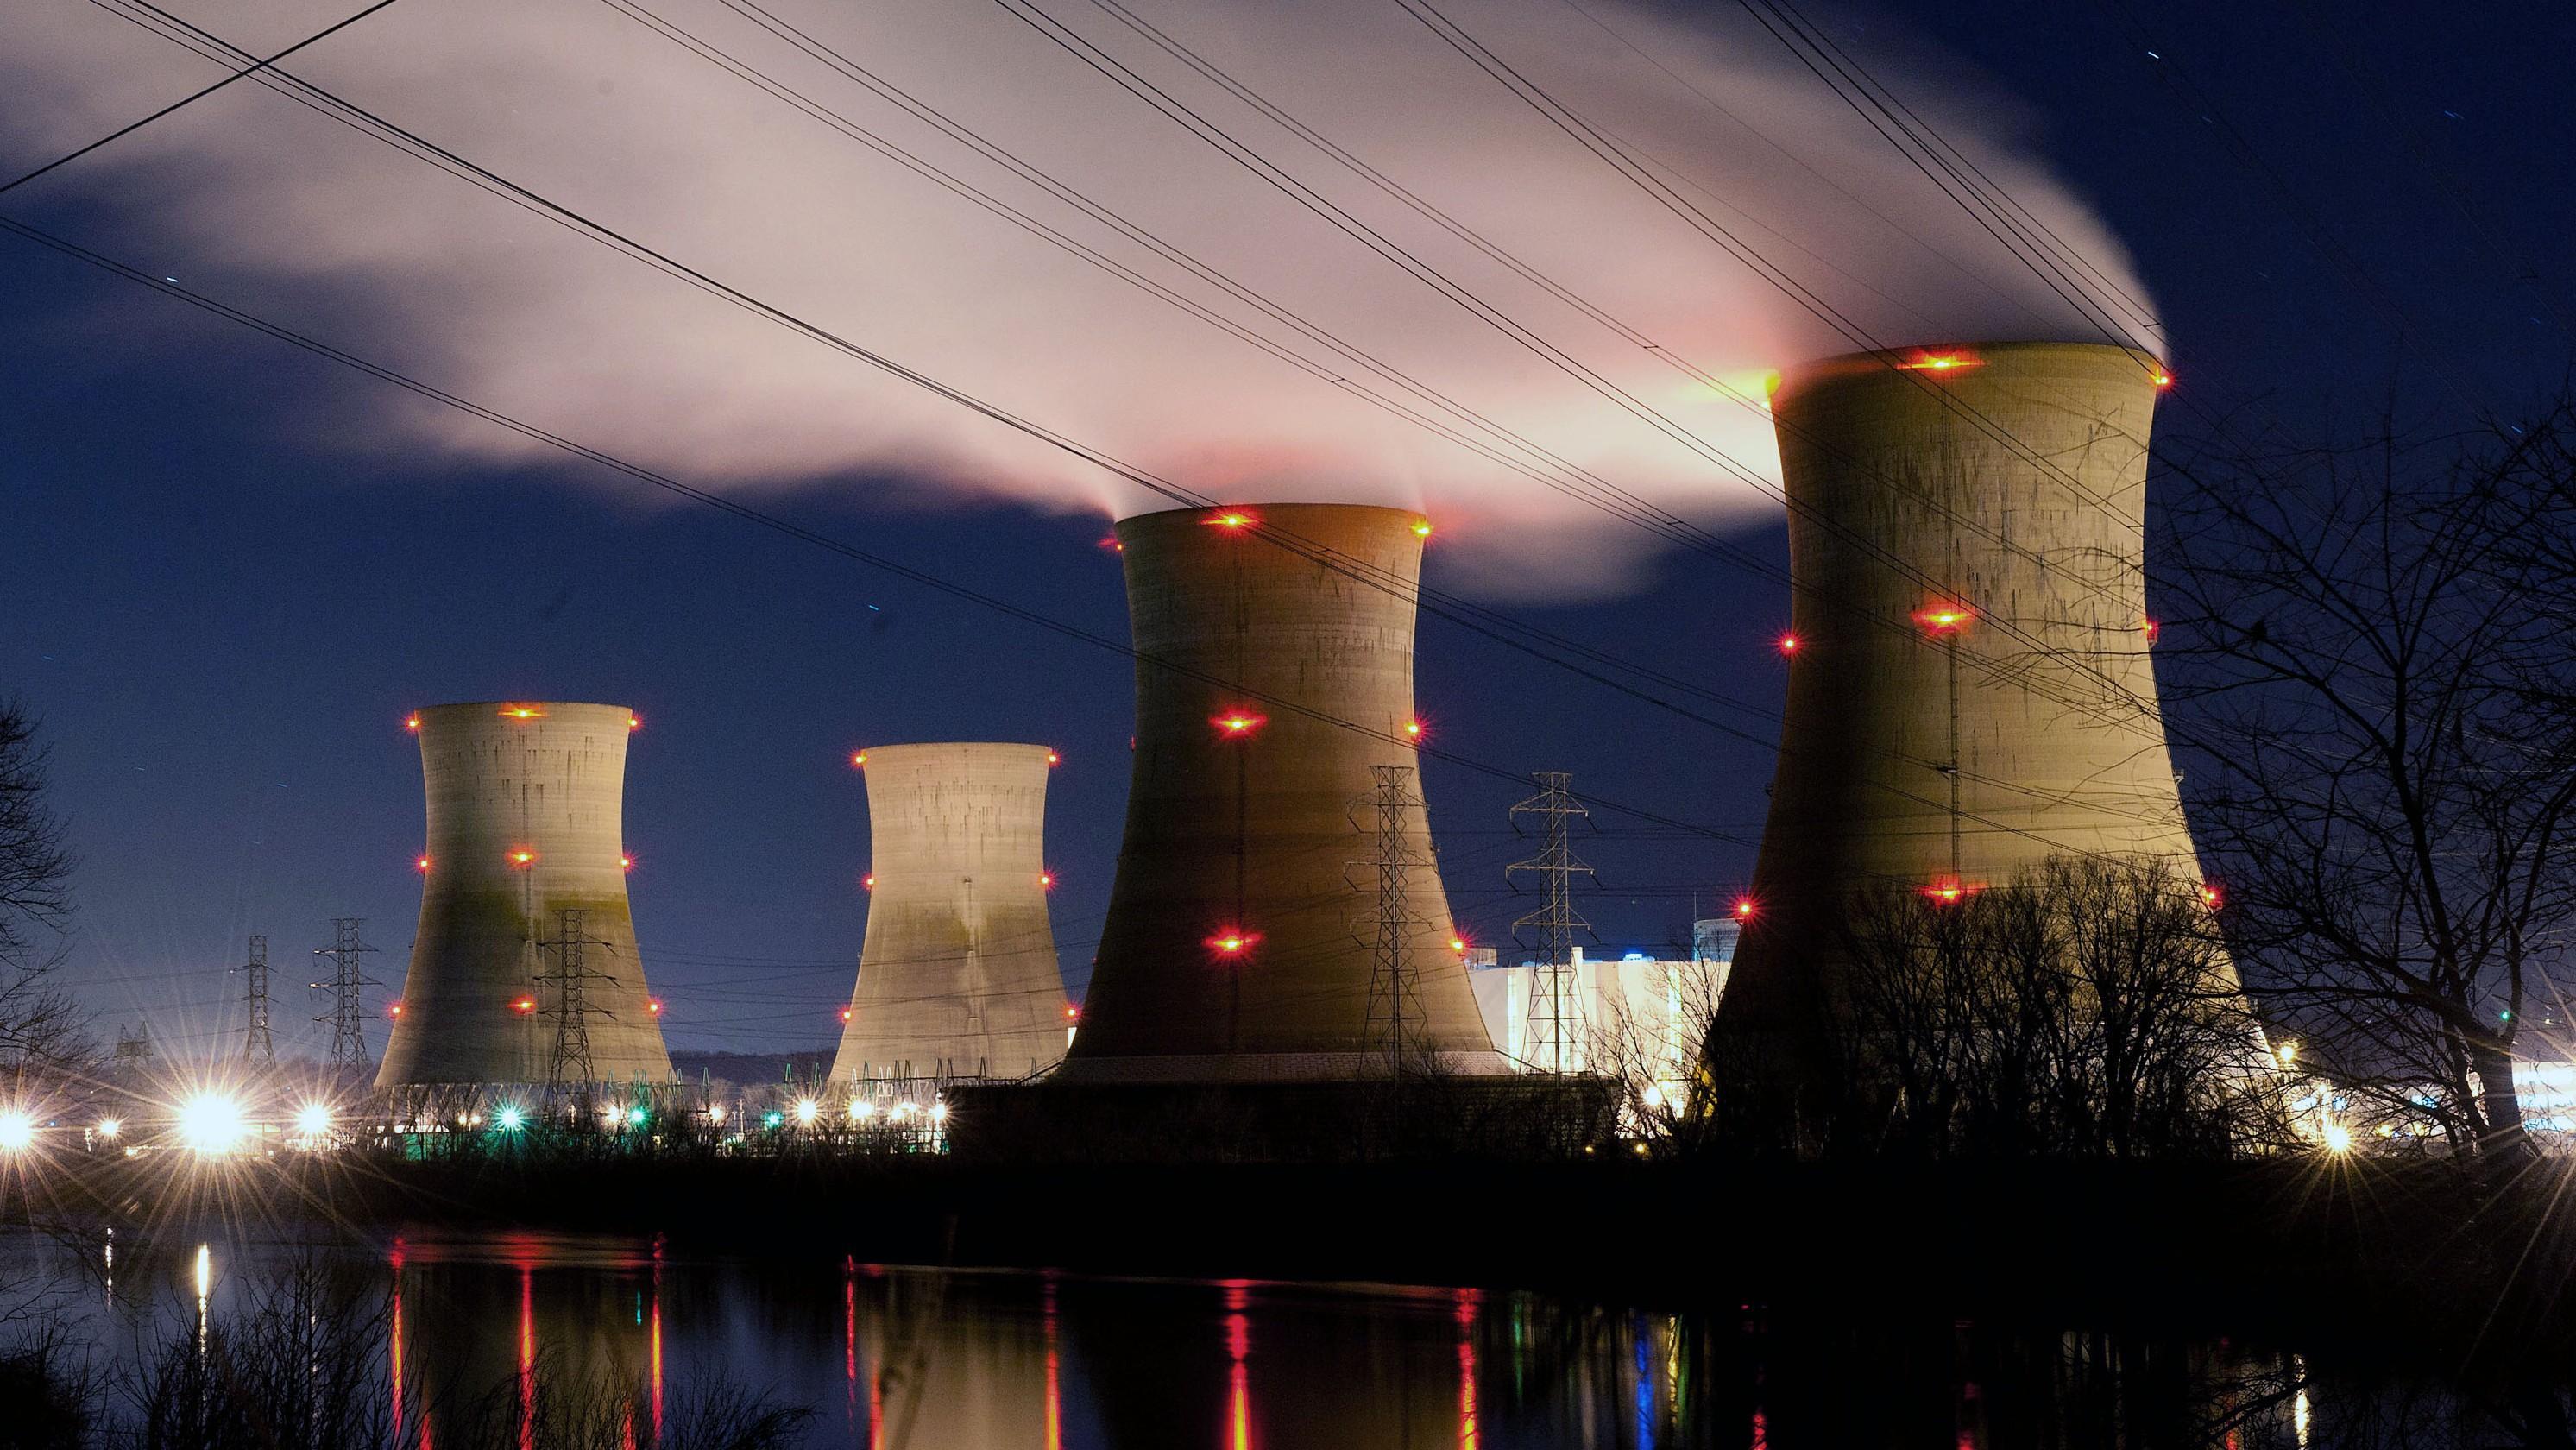 Rosatom berencana untuk berdiskusi dengan pemerintah Jepang mengenai kerja sama penanggulangan kecelakaan nuklir Fukushima serta suplai bahan bakar nuklir ke pabrik Jepang.